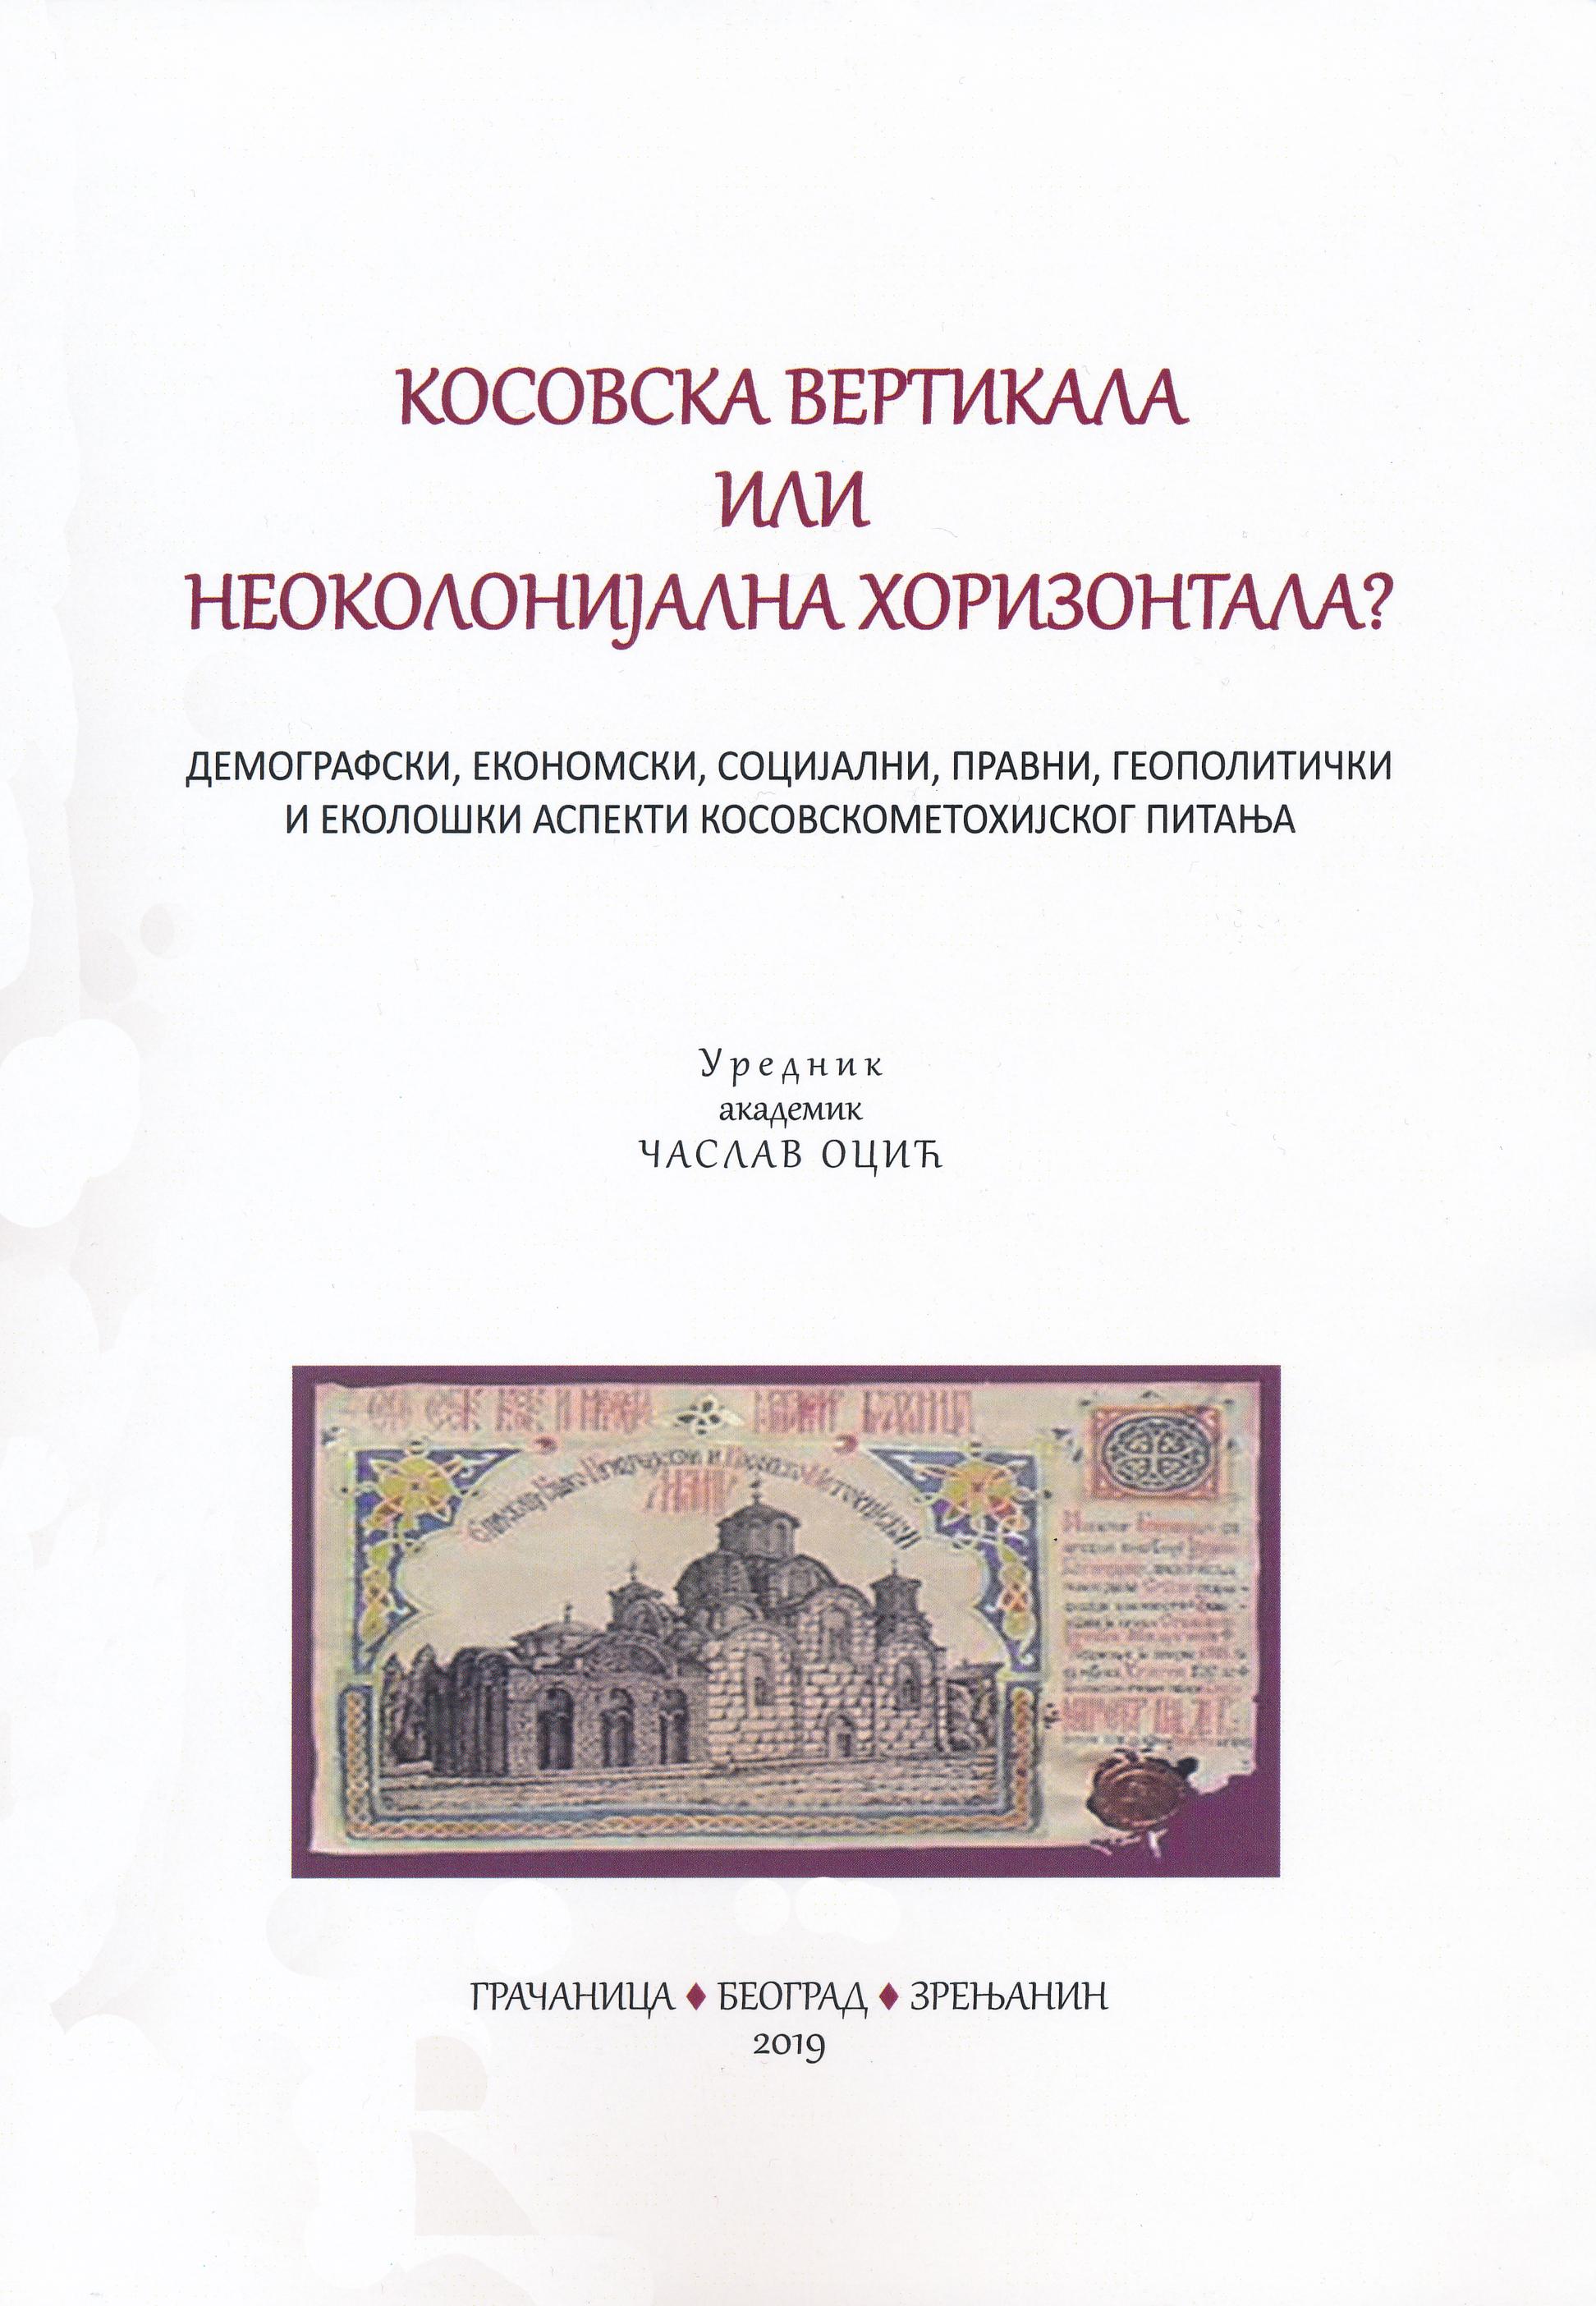 Časlav Ocić (ed), Kosovo Vertical or Neocolonial Horizontal?